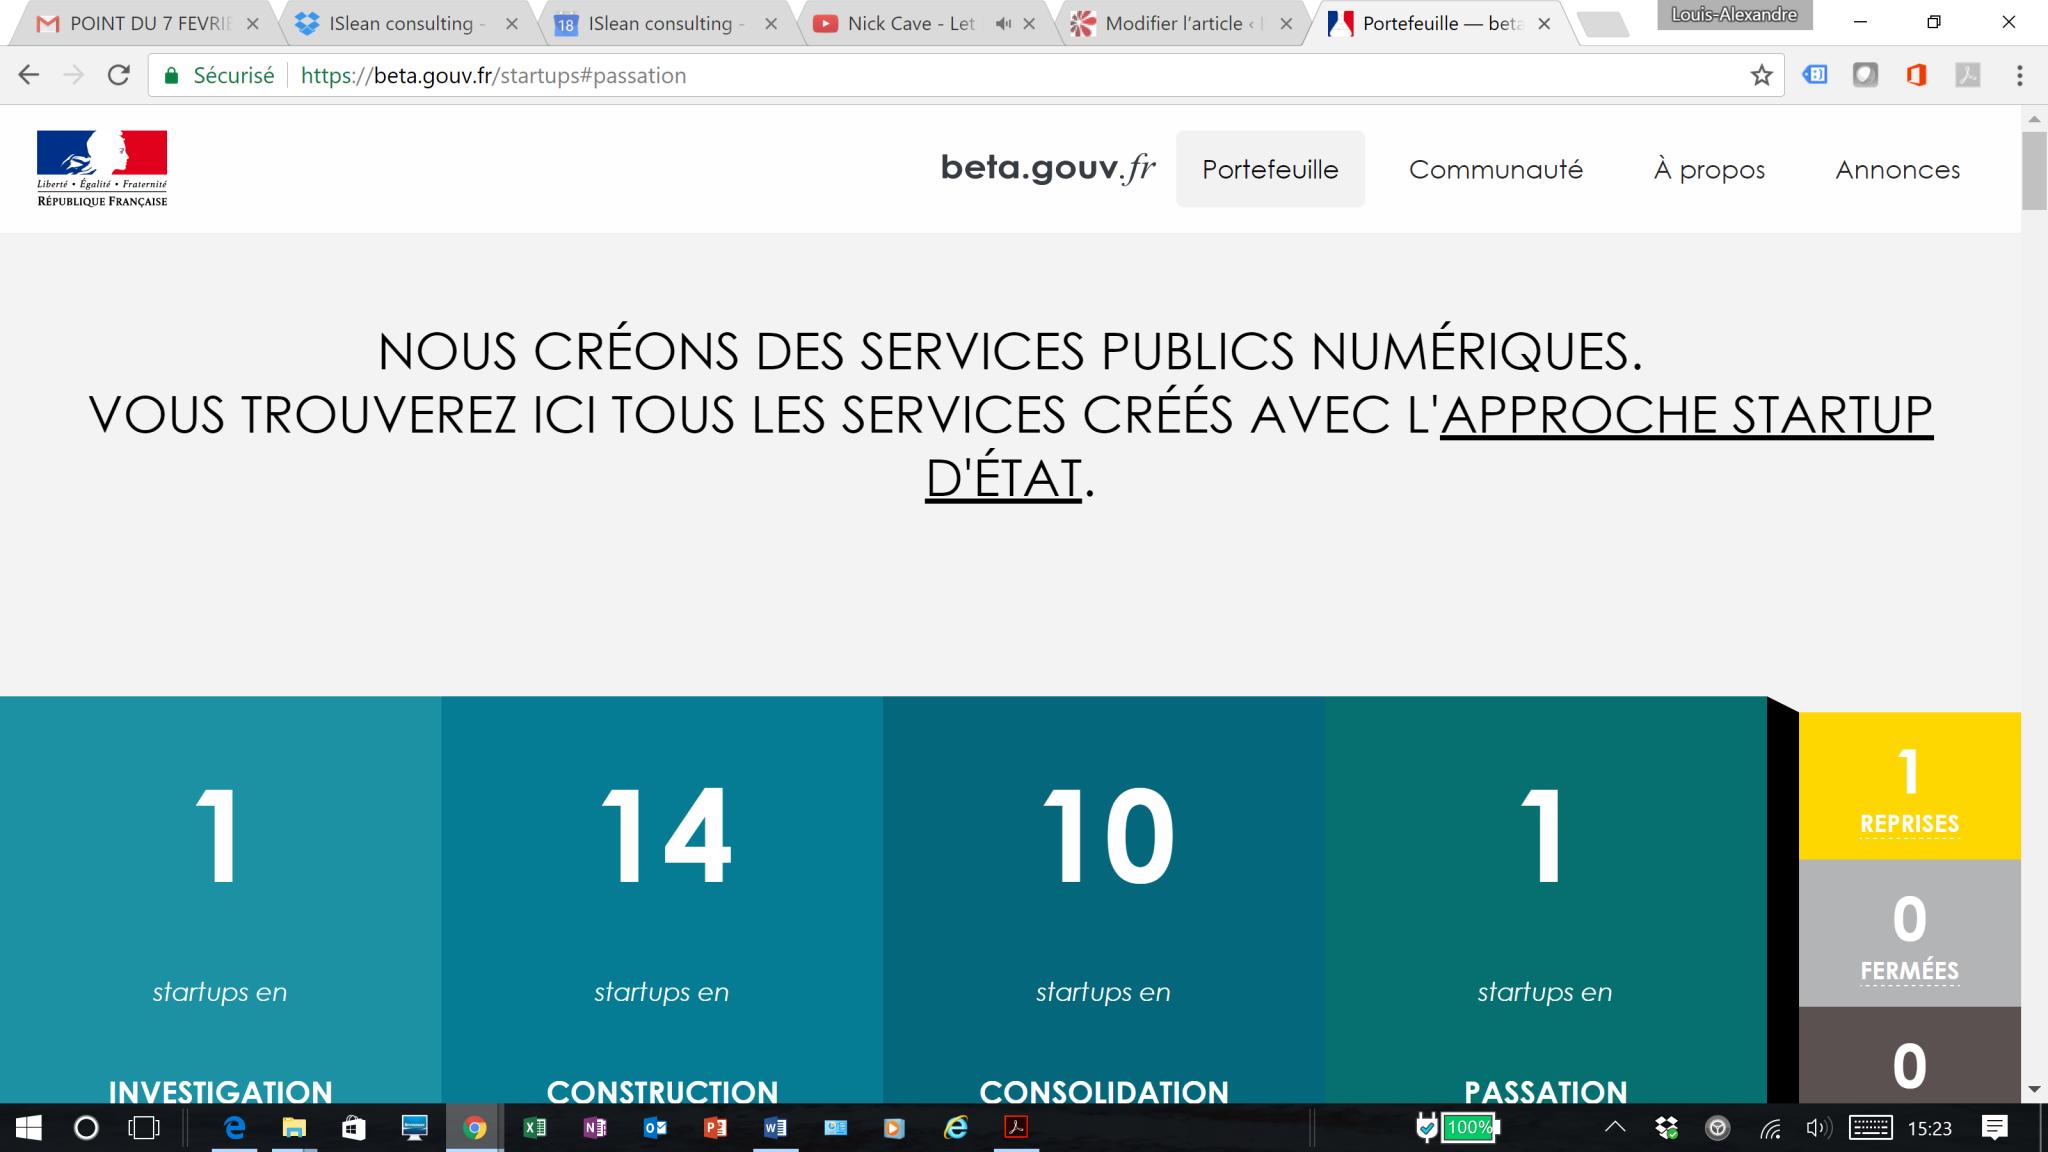 Beta.gouv.fr en janvier 2017 avec le nombre de startup d'Etat par phase